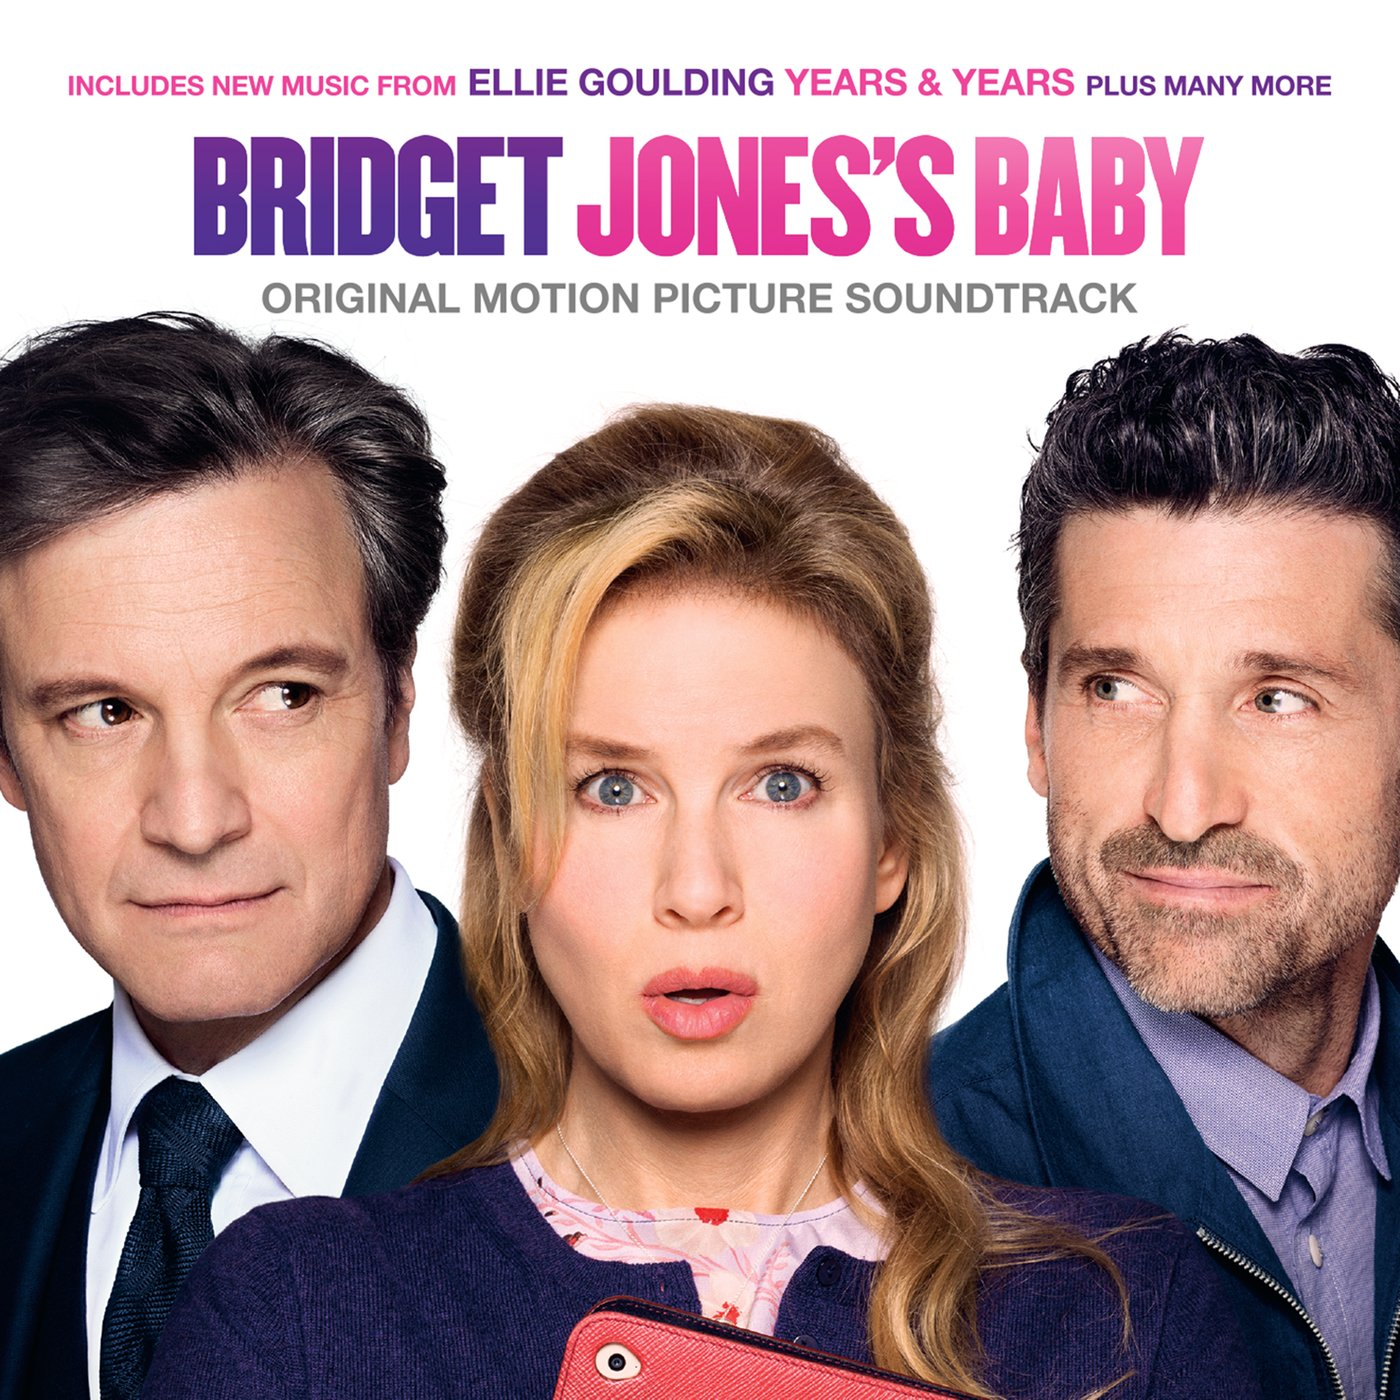 Bridget jones baby - TF1 -